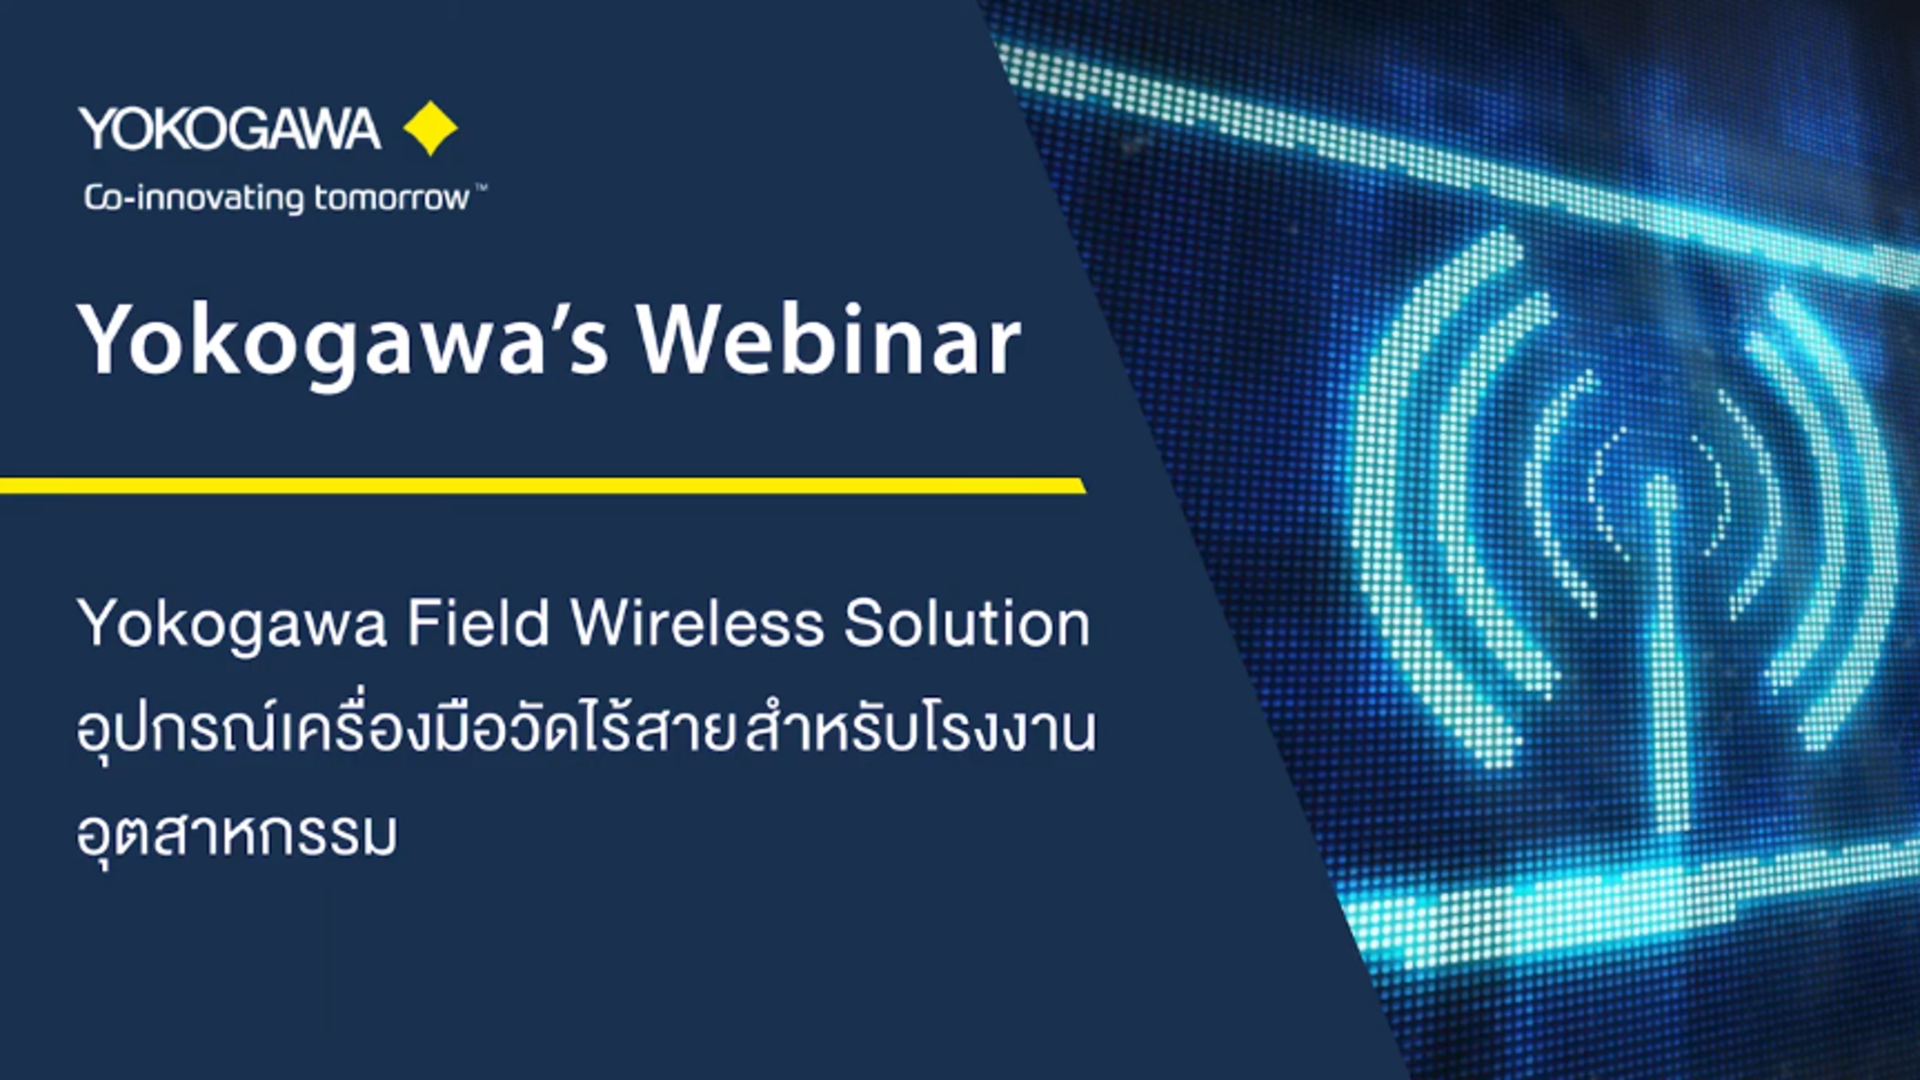 Yokogawa's Webinar : Field Wireless Solution อุปกรณ์เครื่องมือวัดไร้สาย สำหรับโรงงานอุตสาหกรรม